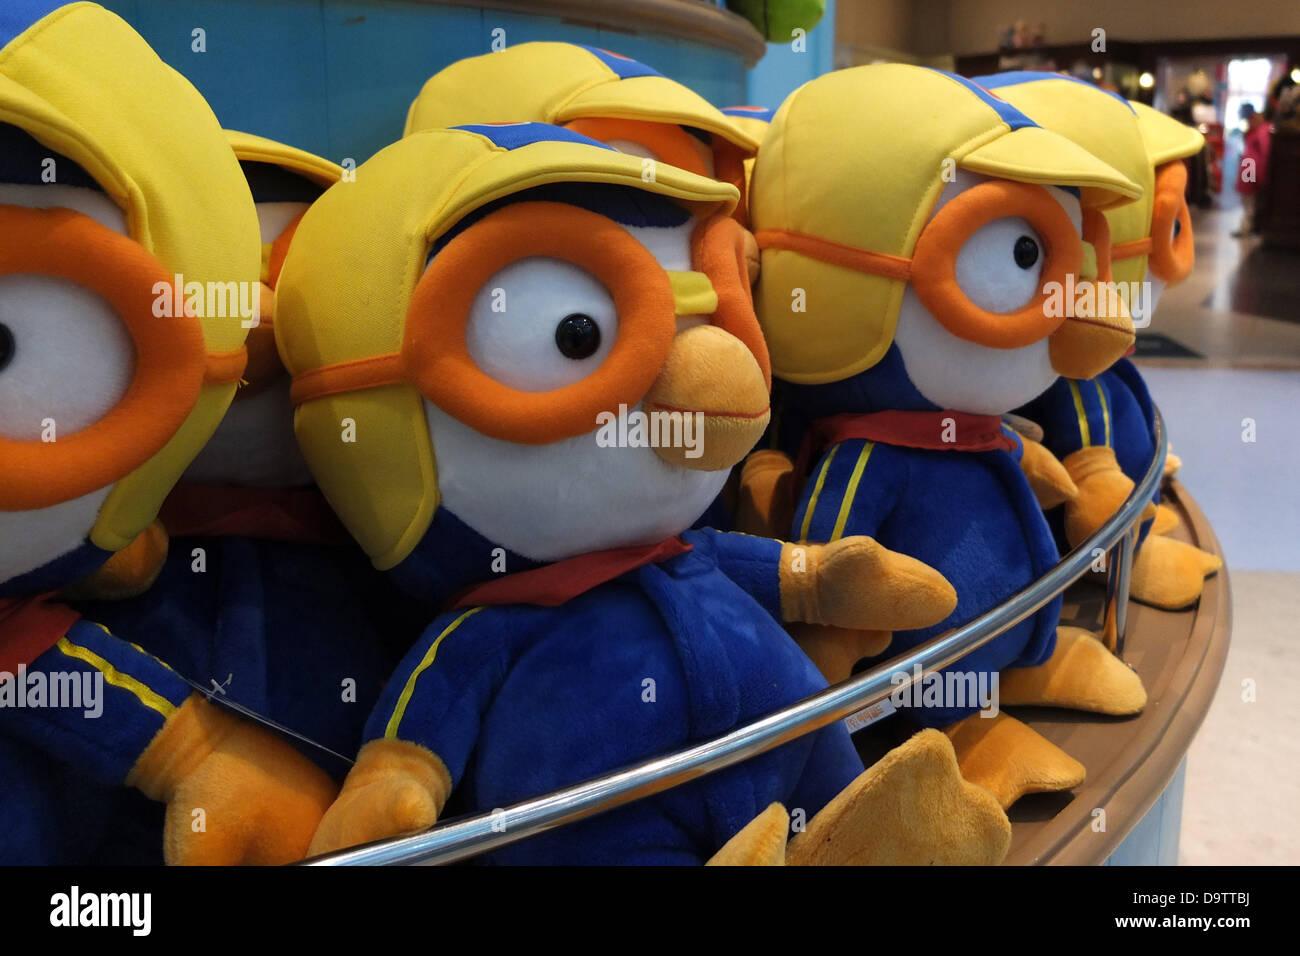 Corea del Sur: Pororo merchandising en la tienda de juguetes en el parque de atracciones Everland Foto de stock